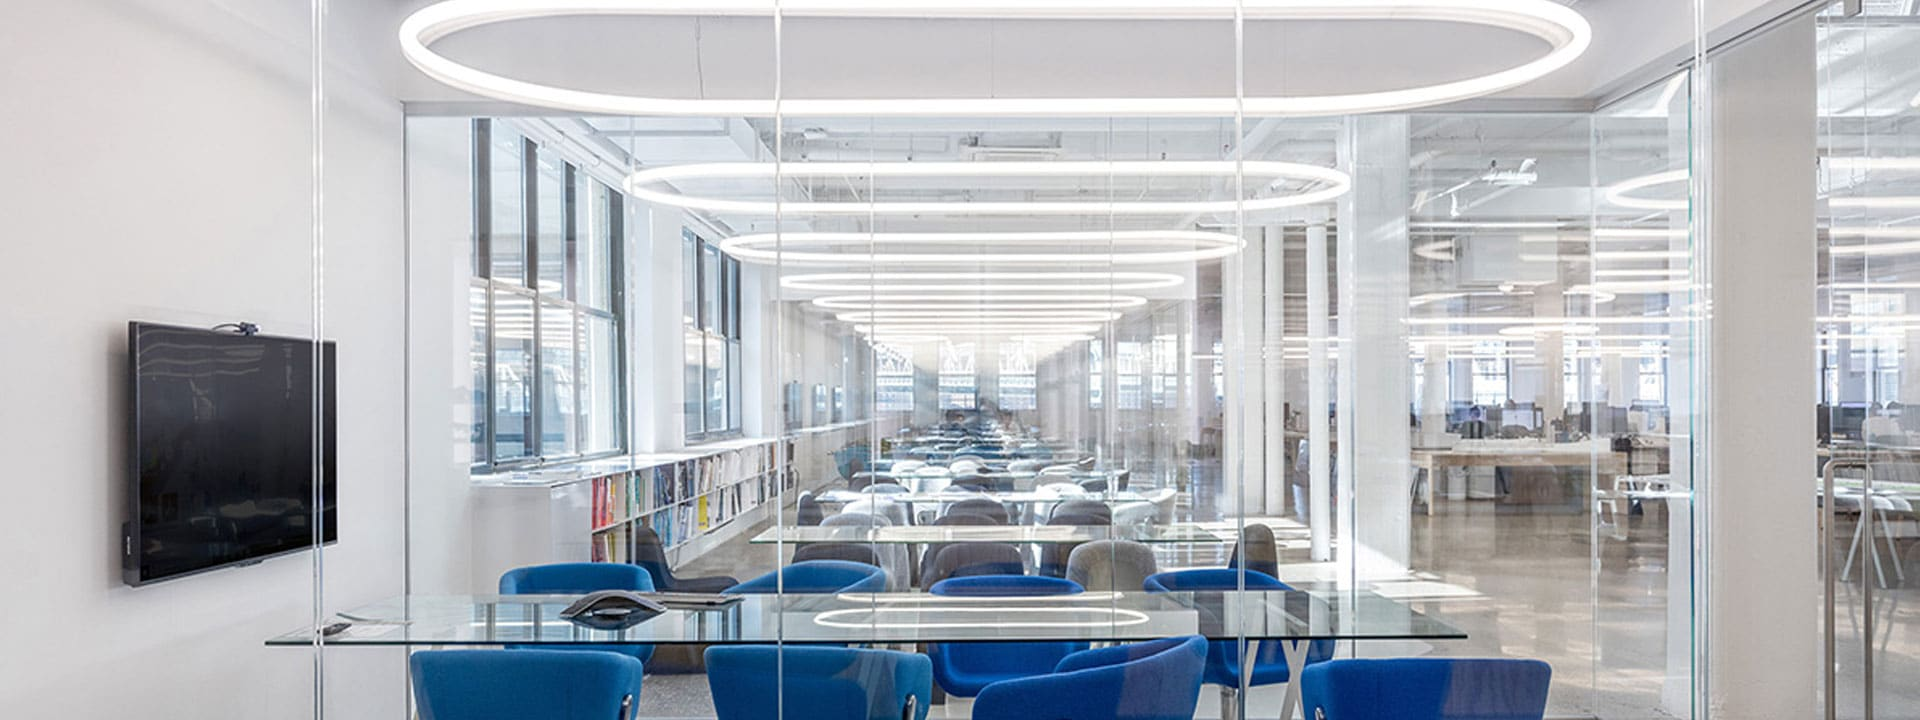 Salles de réunions avec fauteuils bleus et tables en verres, séparées par des vitres transparentes